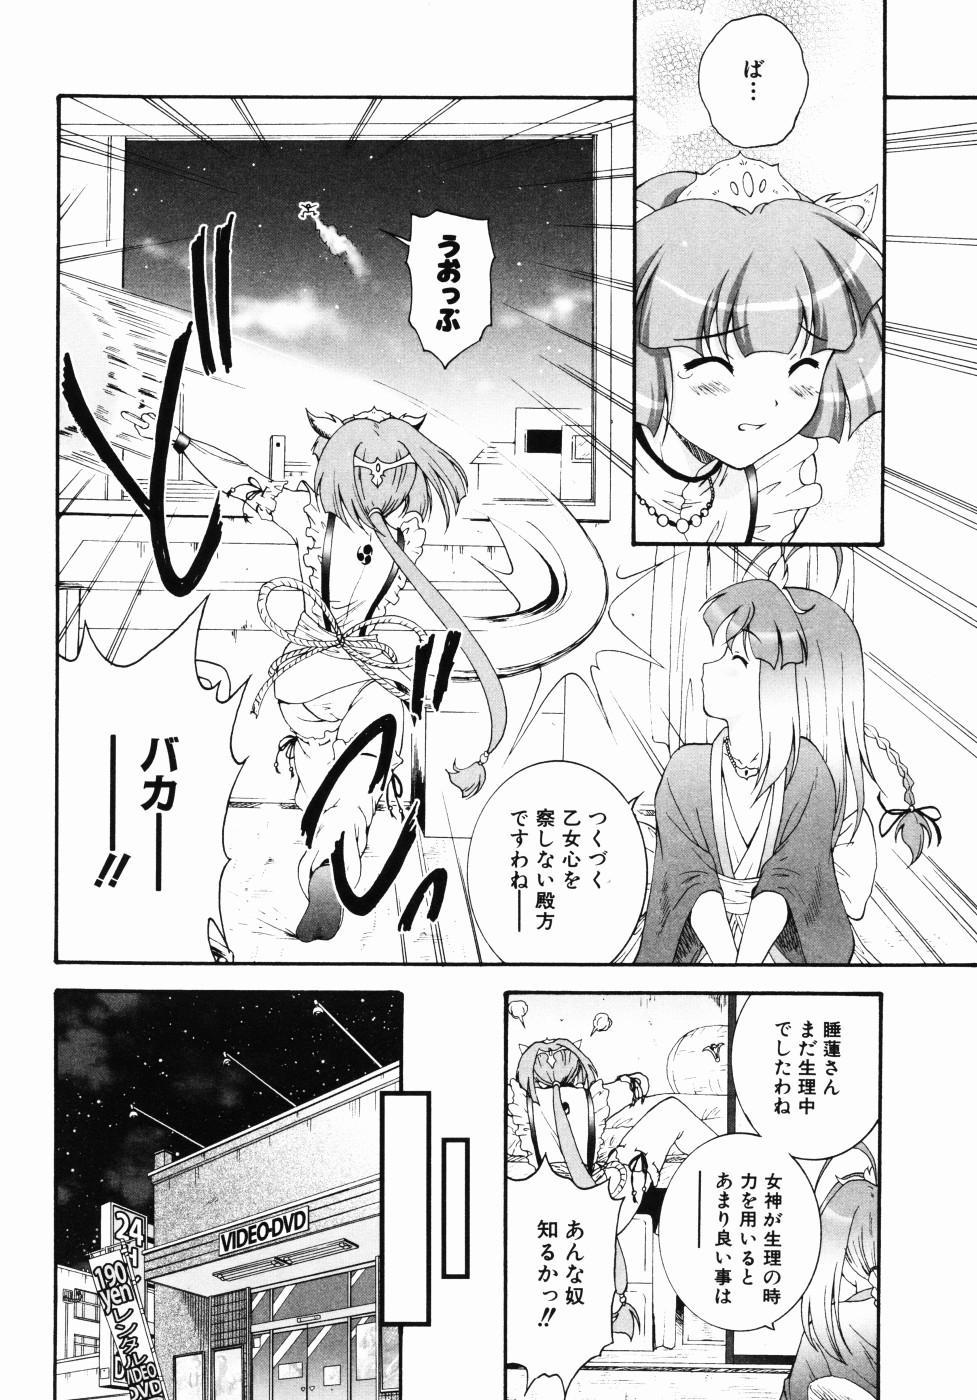 Daikyou Megami 132